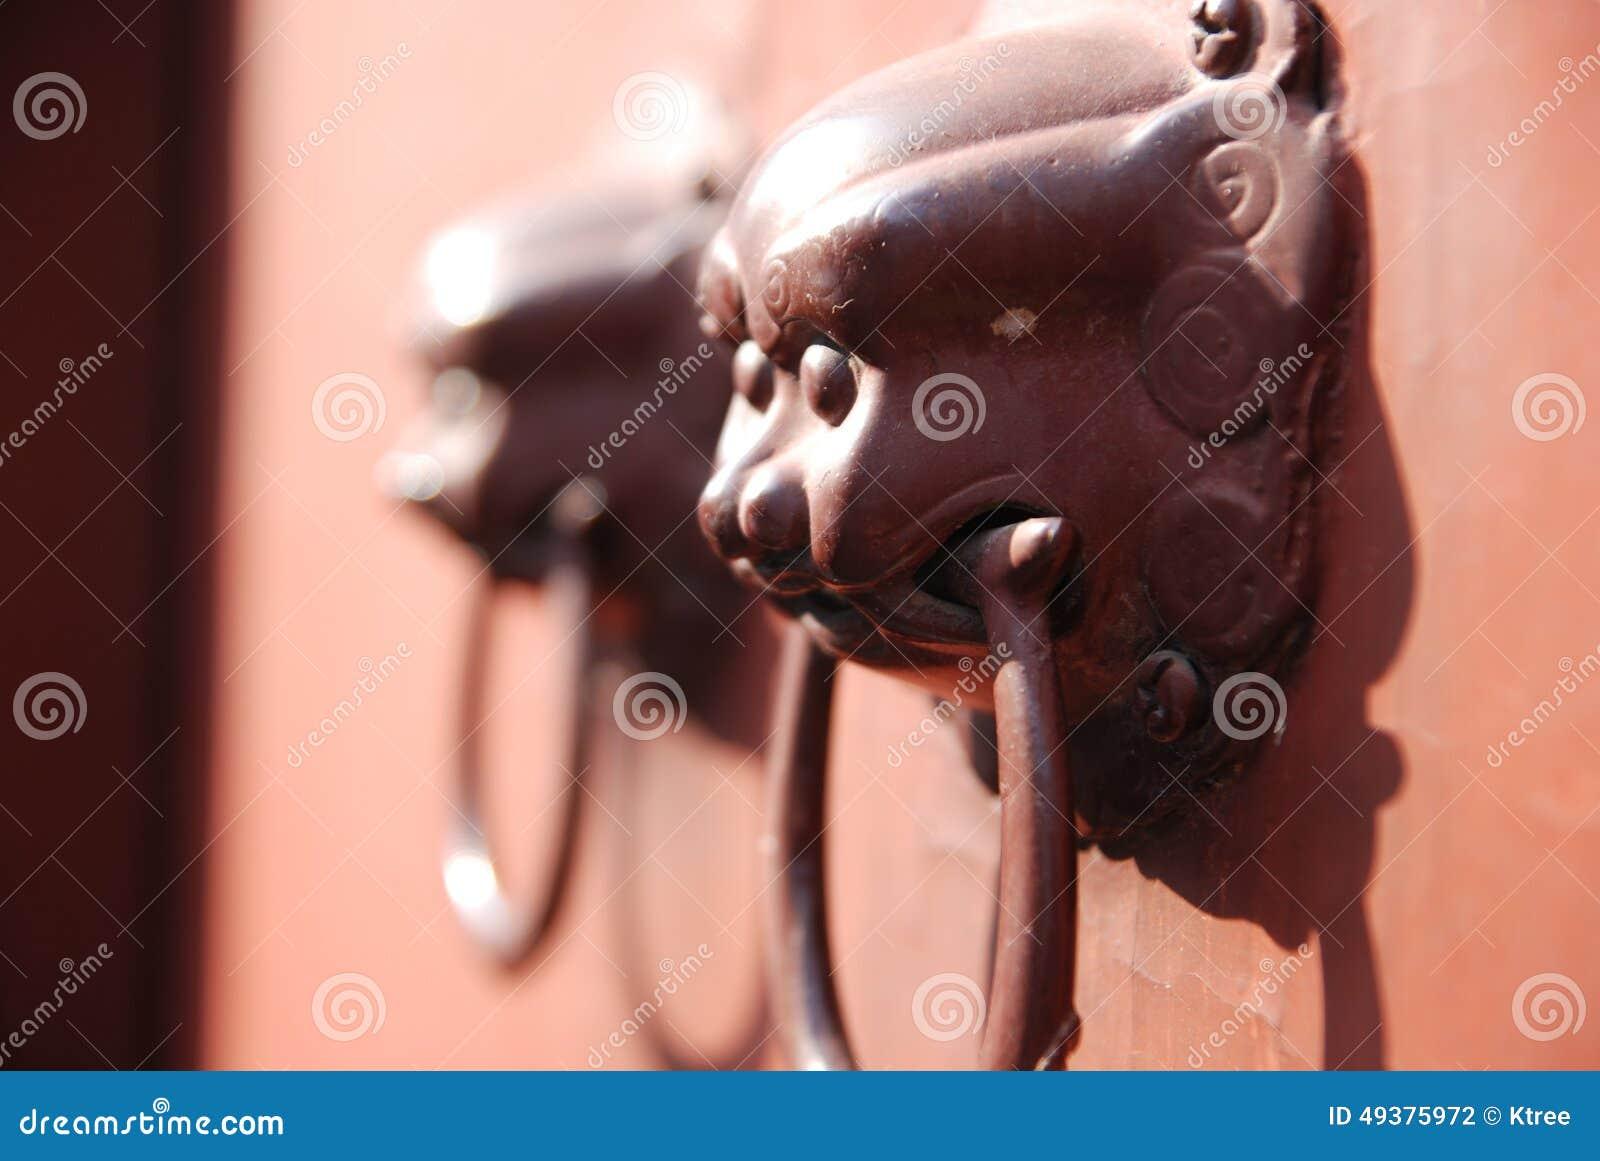 De Chinese Kloppers van de Deur van de Beschermer van de Leeuw die in China worden gevonden